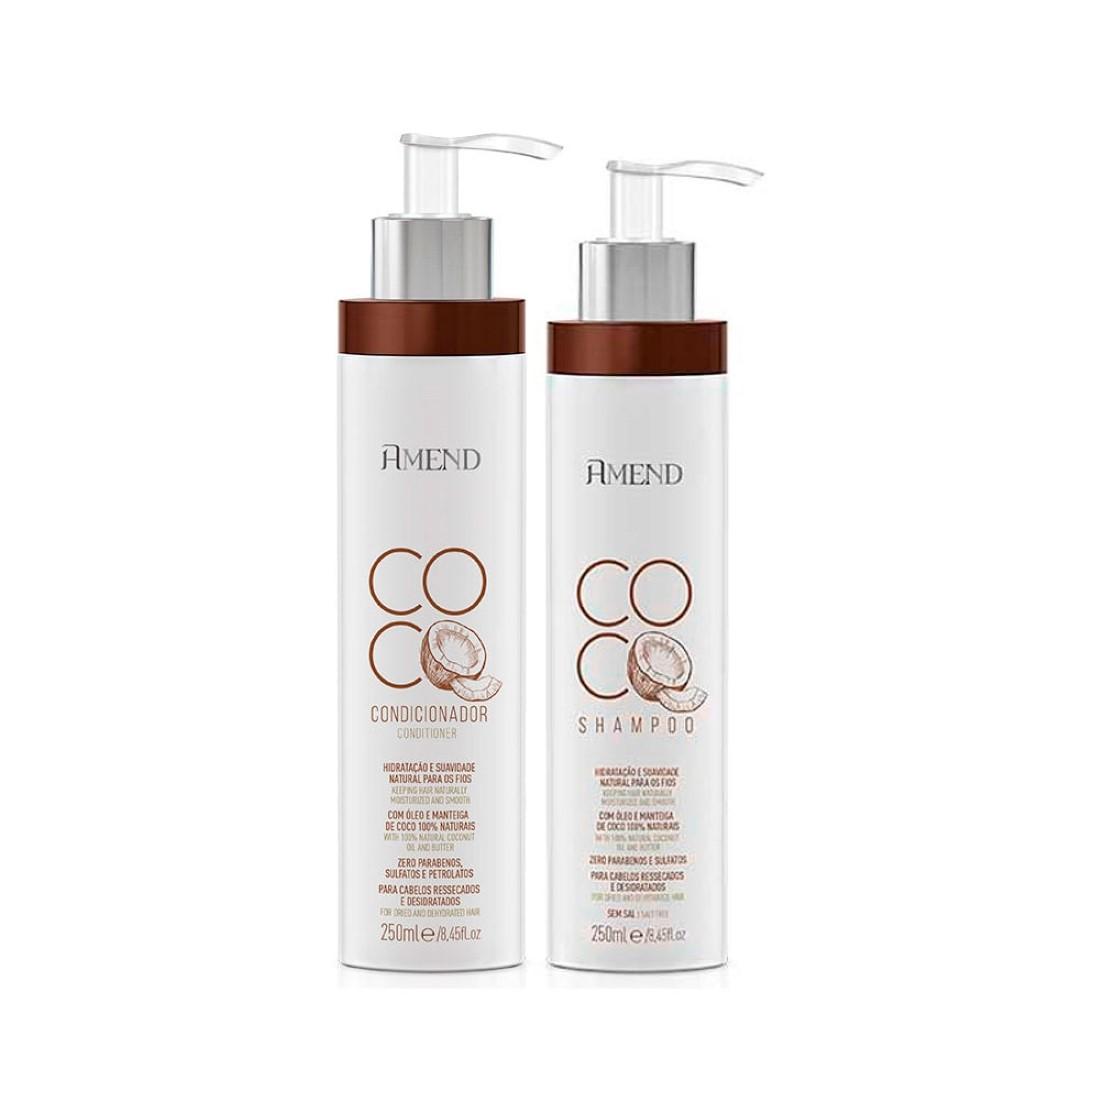 Kit Shampoo e Condicionador Coco 250ml - Amend